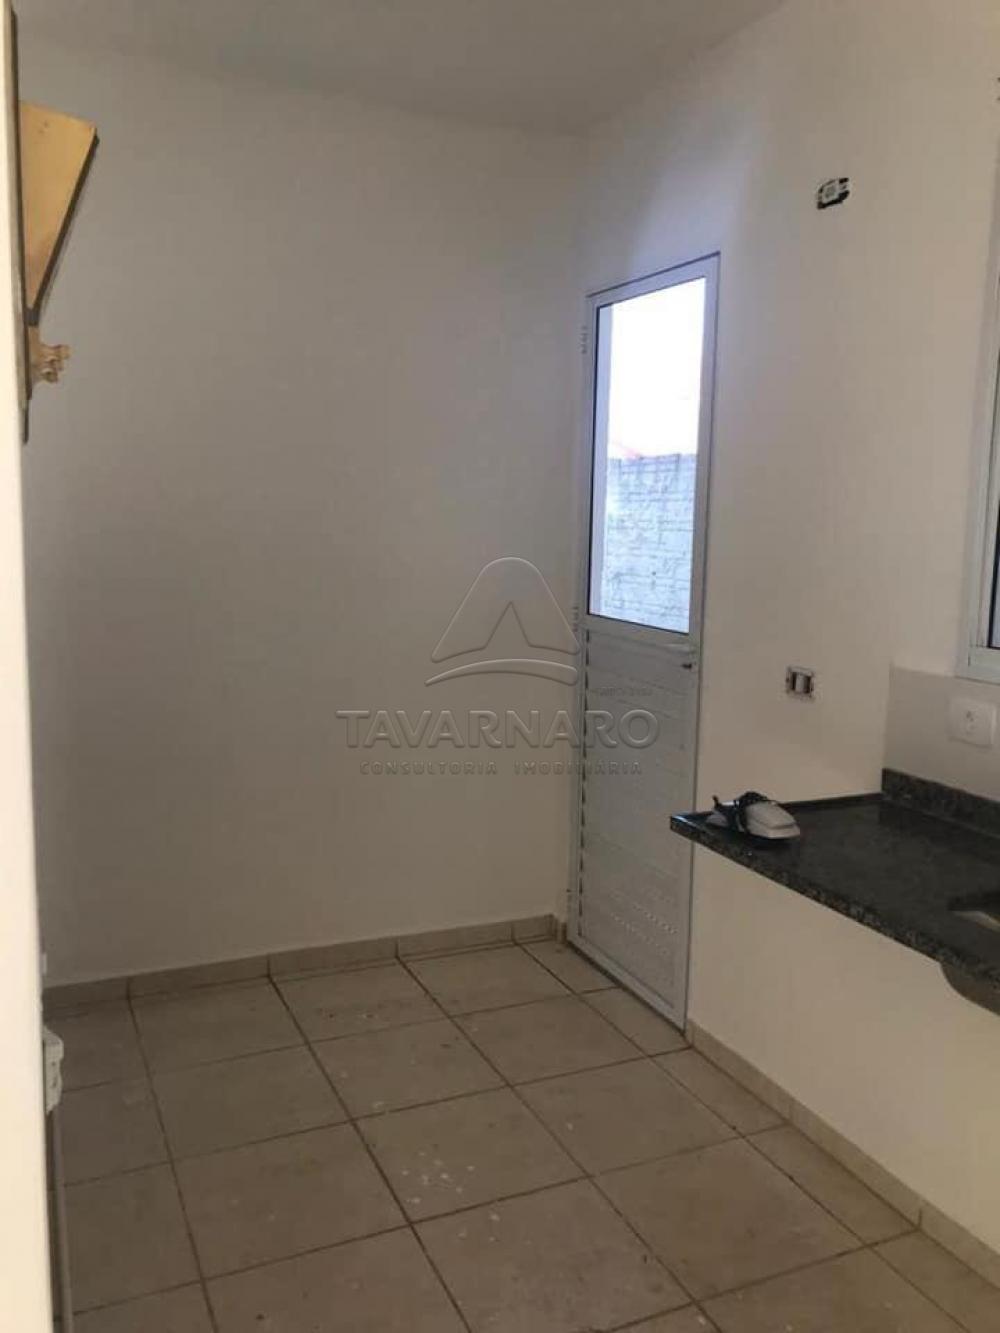 Alugar Casa / Condomínio em Ponta Grossa R$ 480,69 - Foto 7